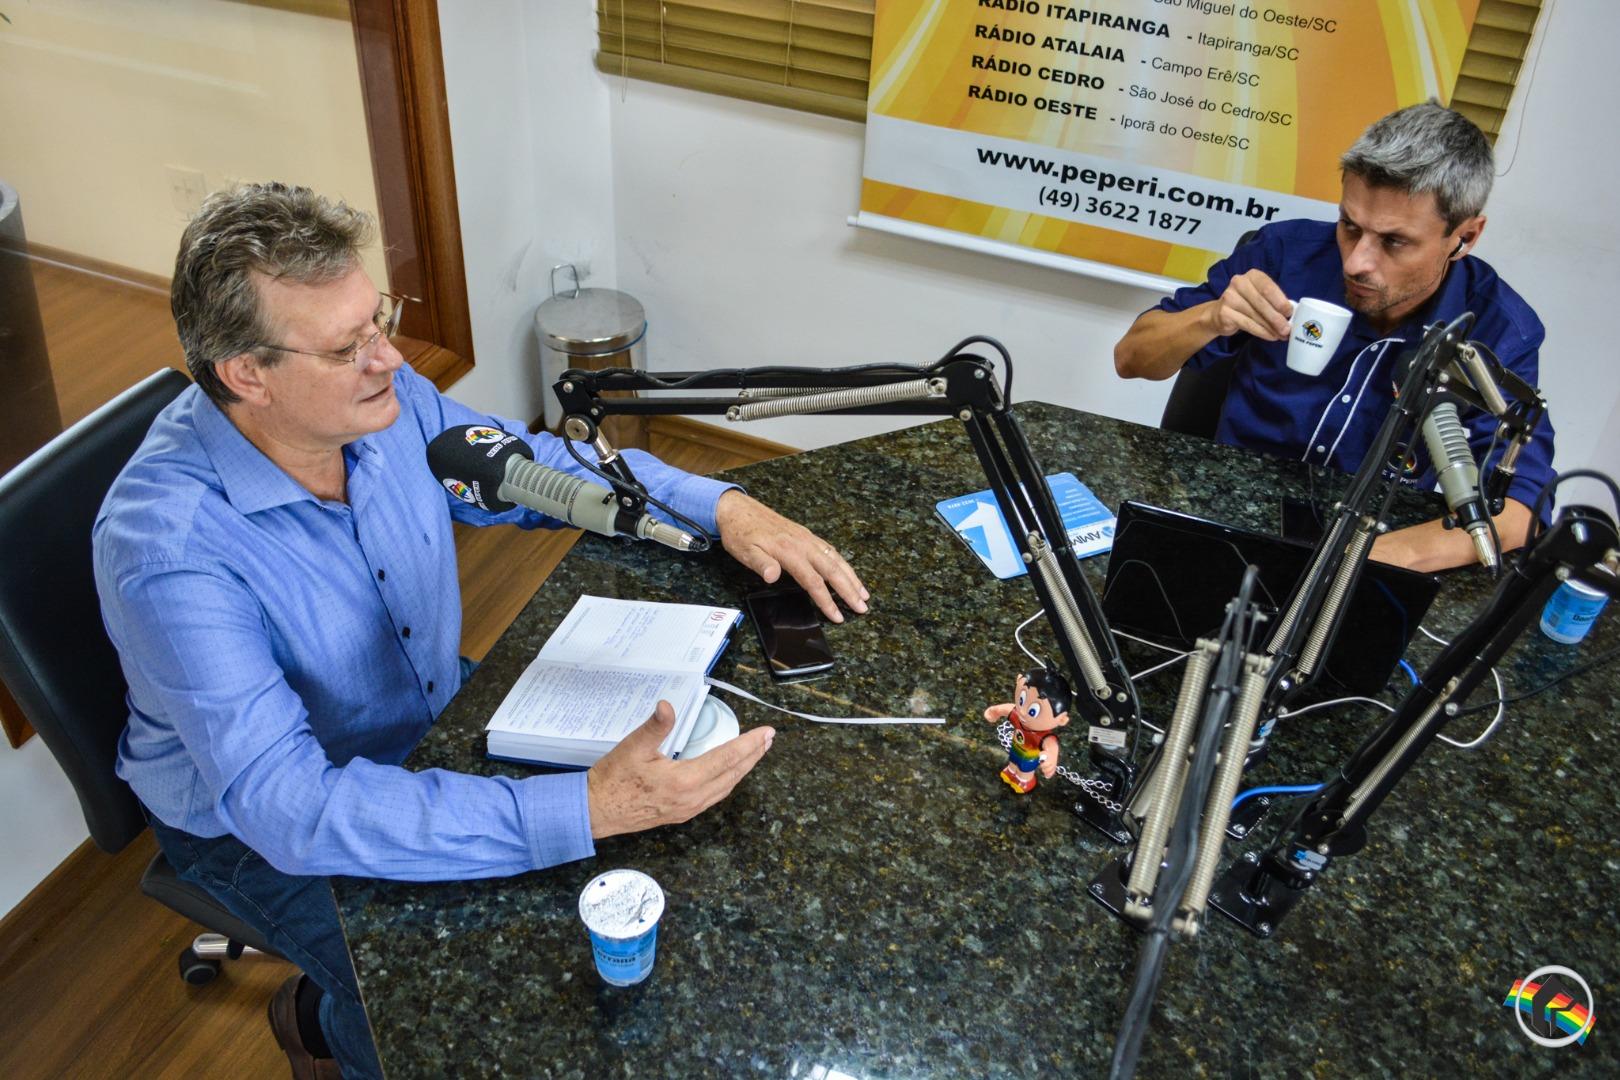 Peperi recebe o prefeito em exercício Claudio Barp